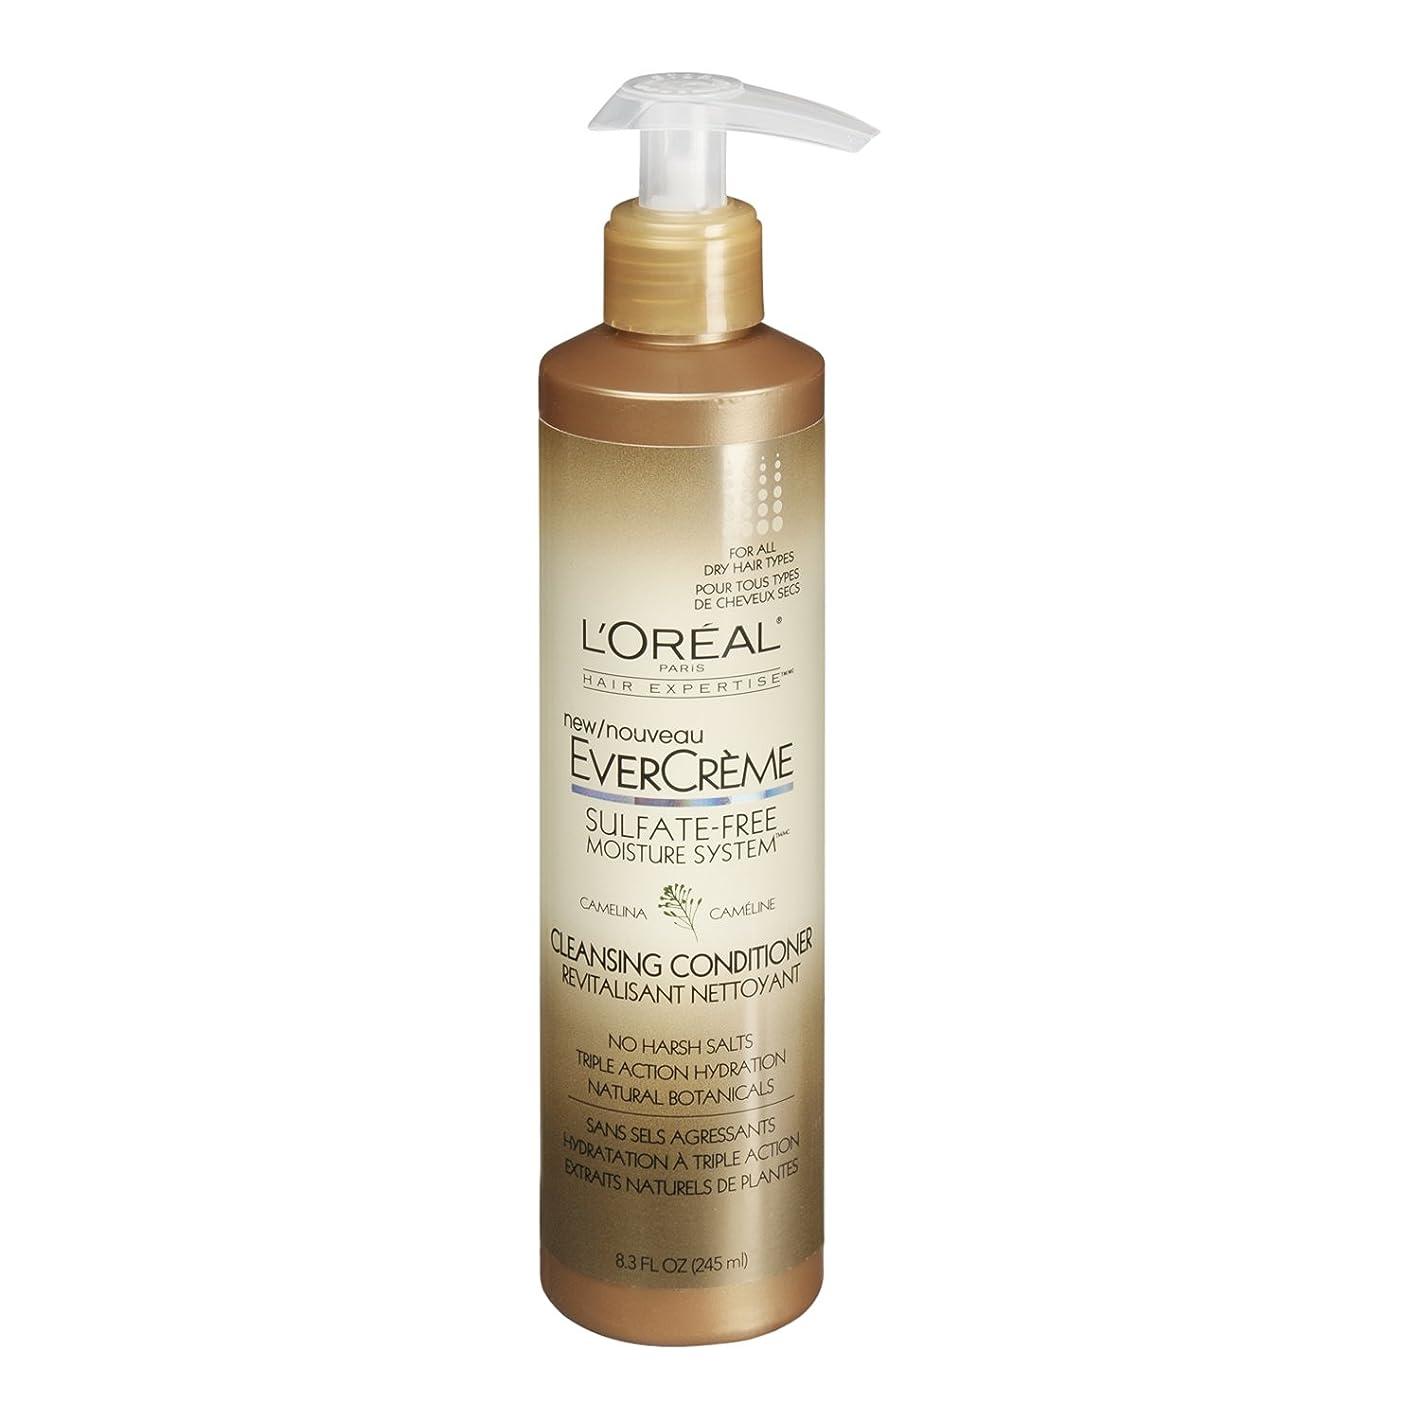 プロット郵便犯罪L'Oreal Paris EverCreme Sulfate-Free Moisture System Cleansing Conditioner, 8.3 fl. Oz. by L'Oreal Paris Hair Care [並行輸入品]